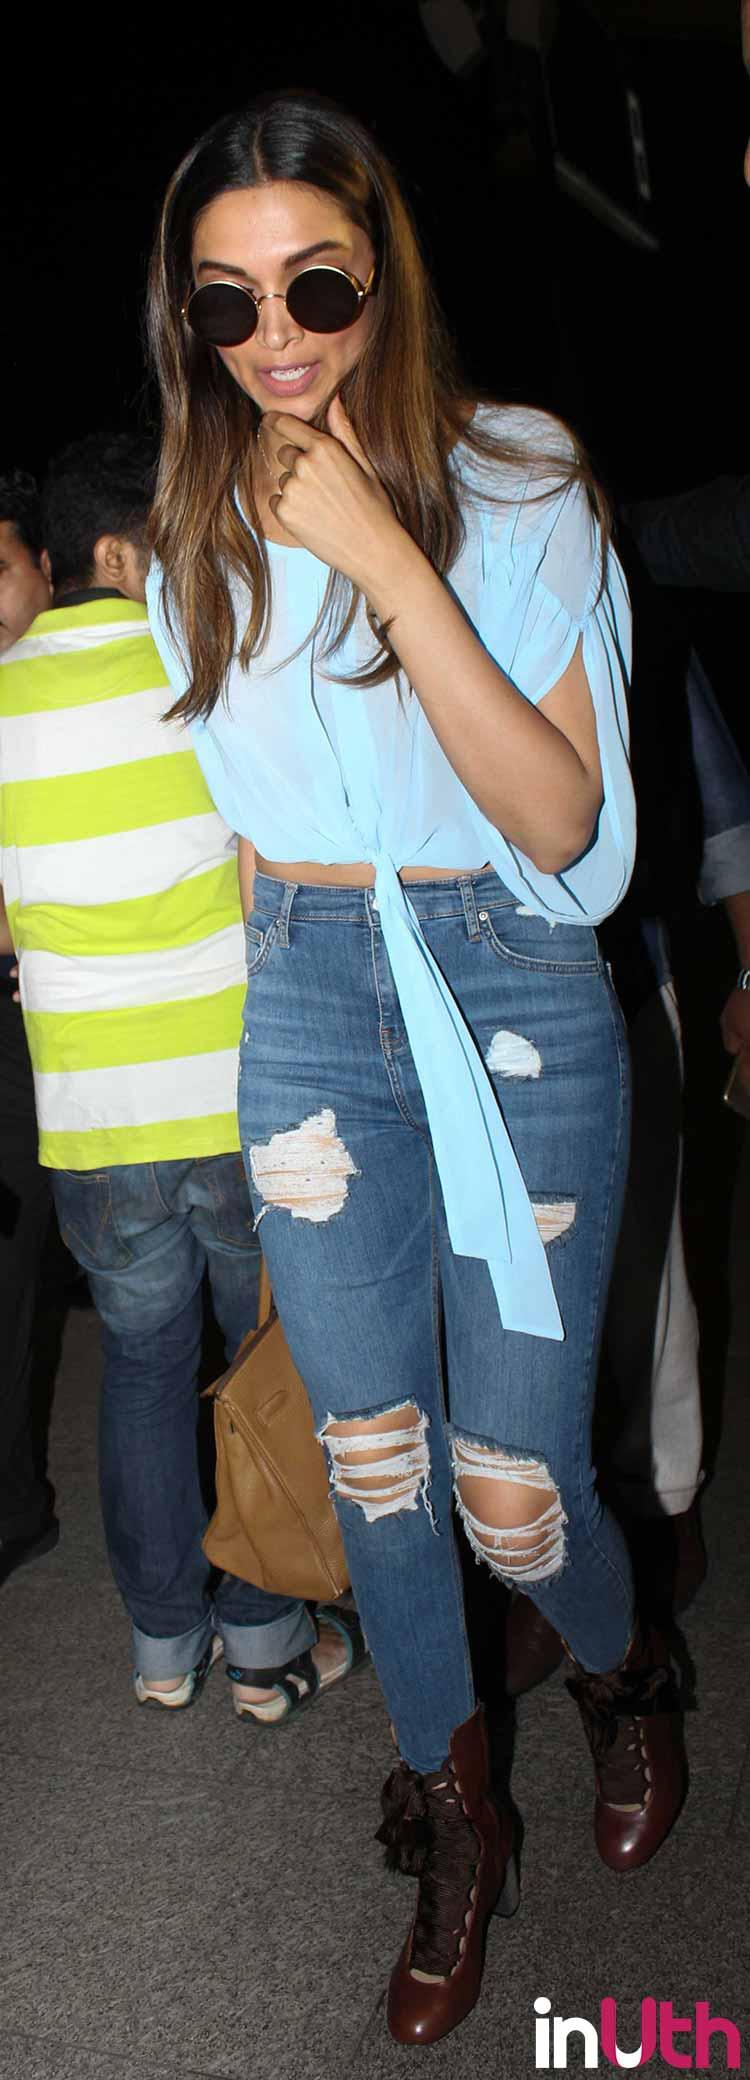 Deepika Padukone looks stunning here